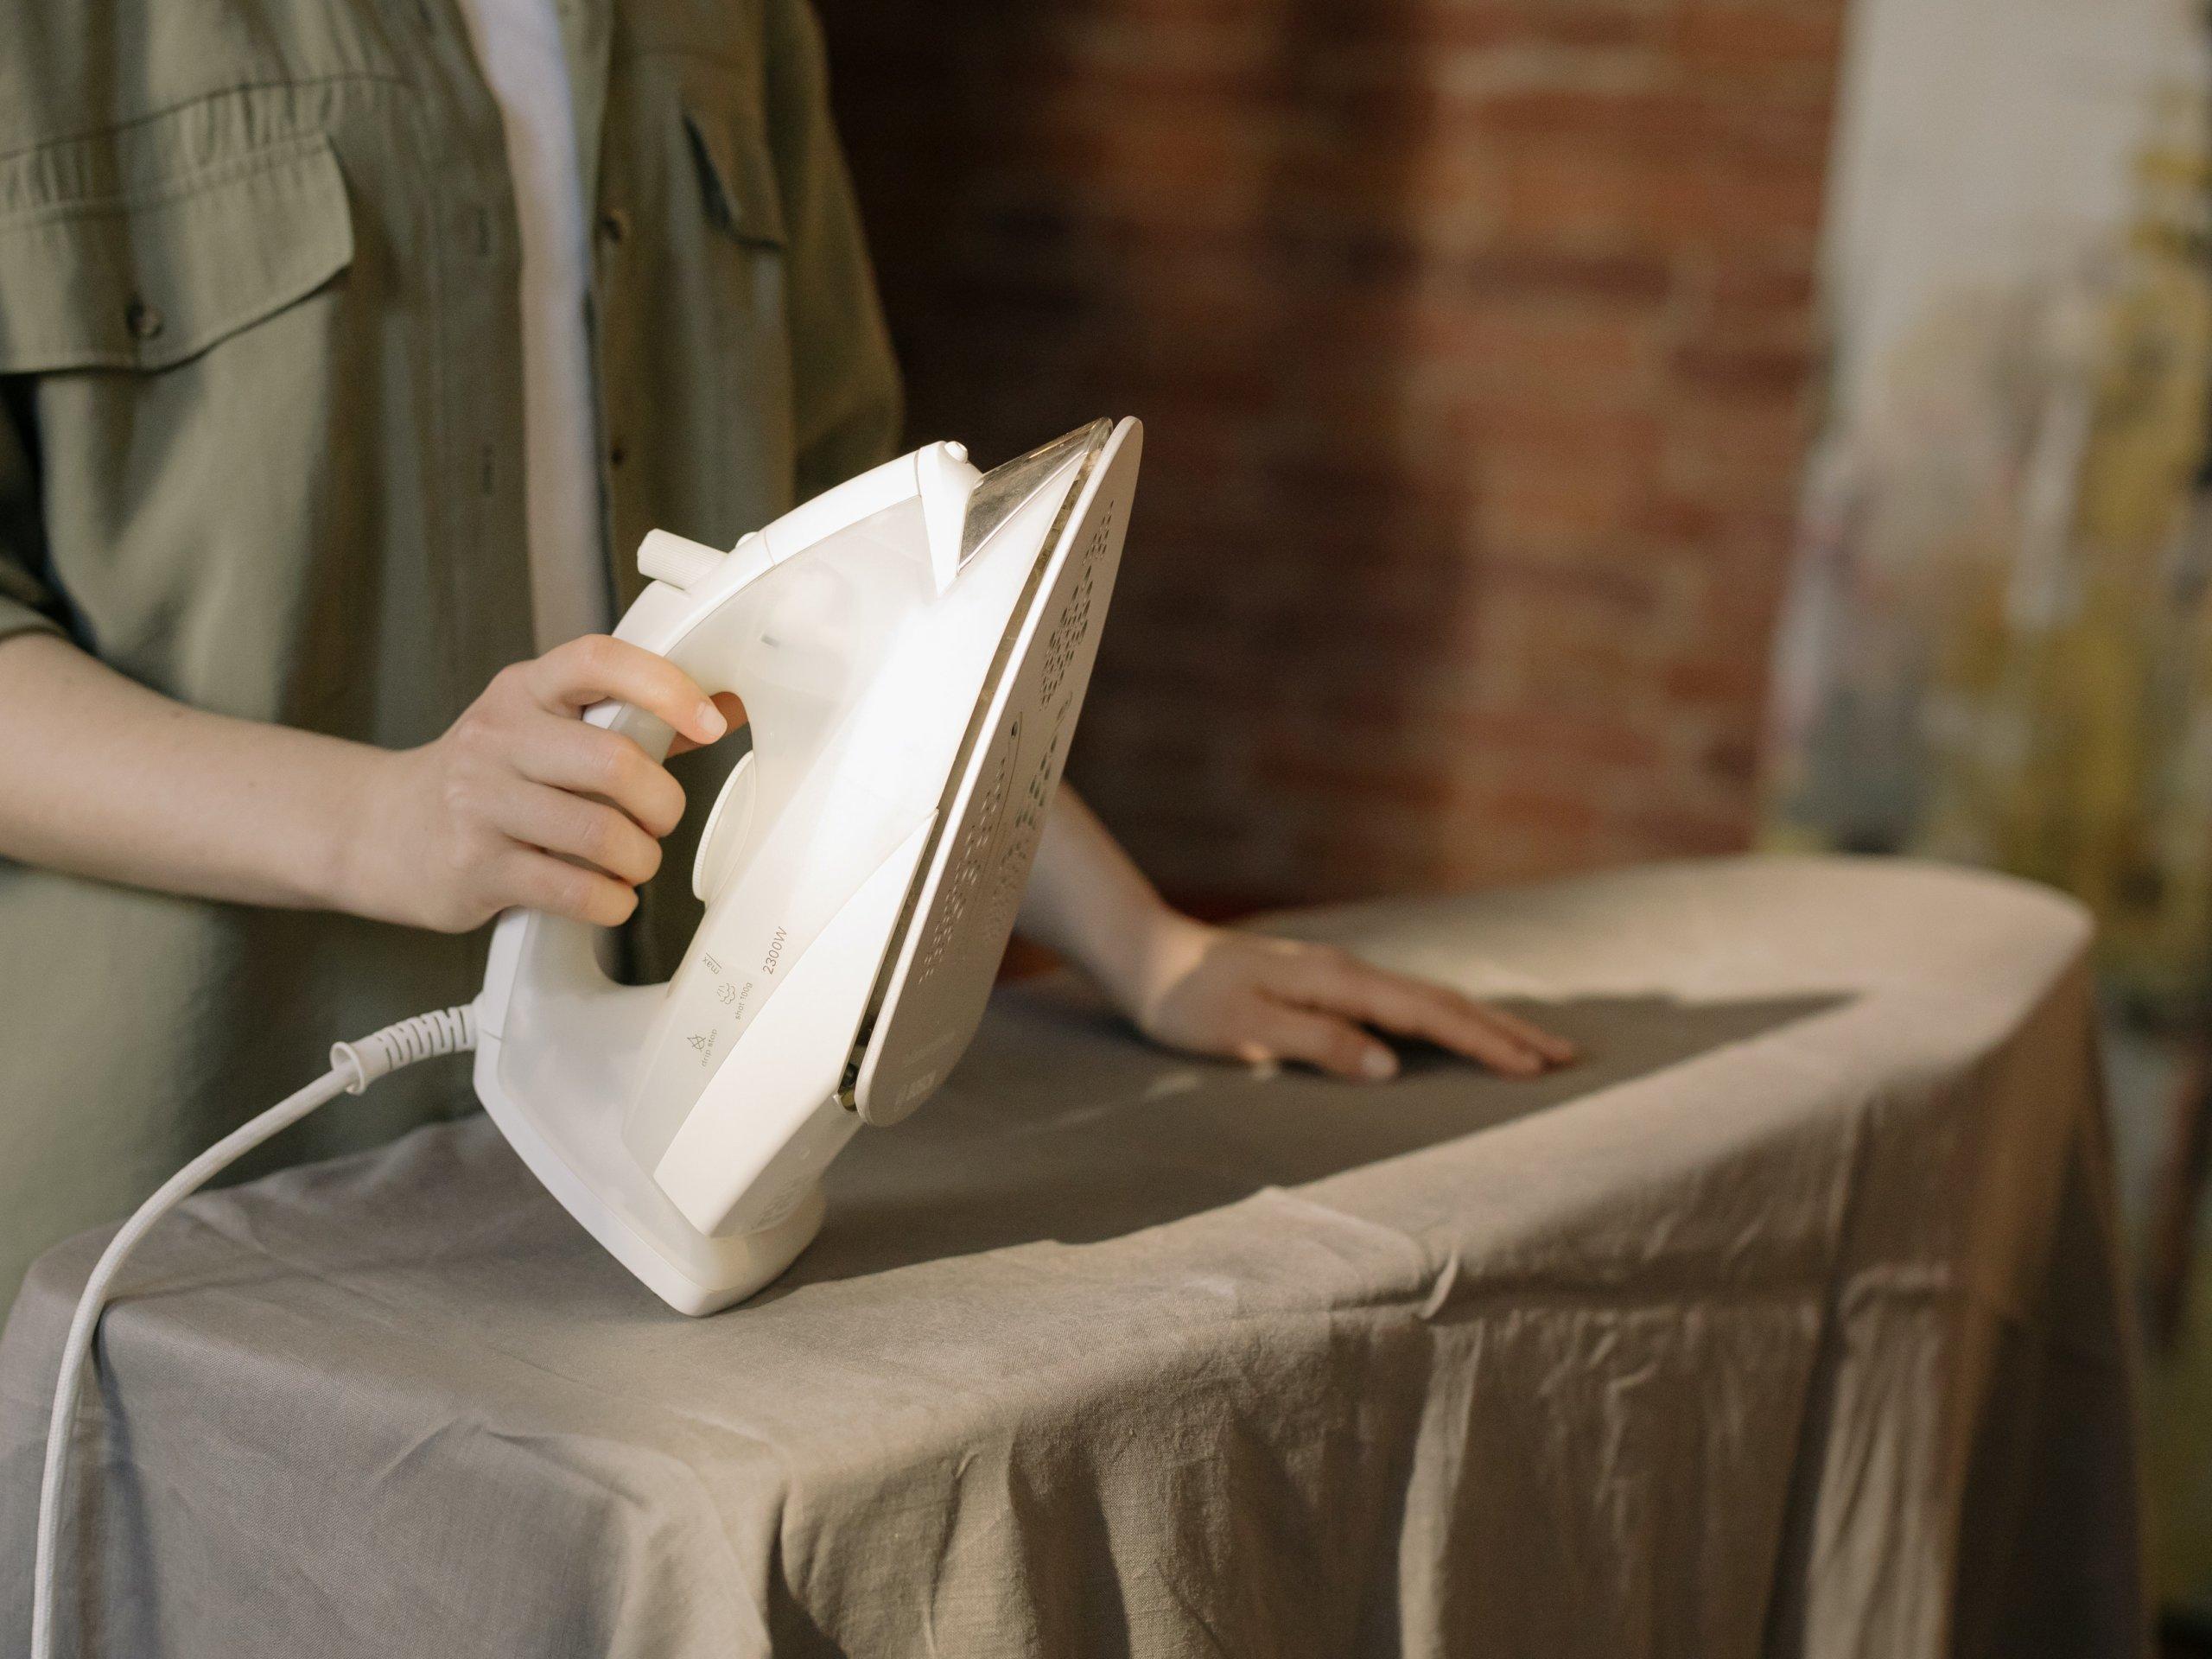 Kako olakšati najgori kućanski posao: Četiri savjeta koja pomažu kod peglanja